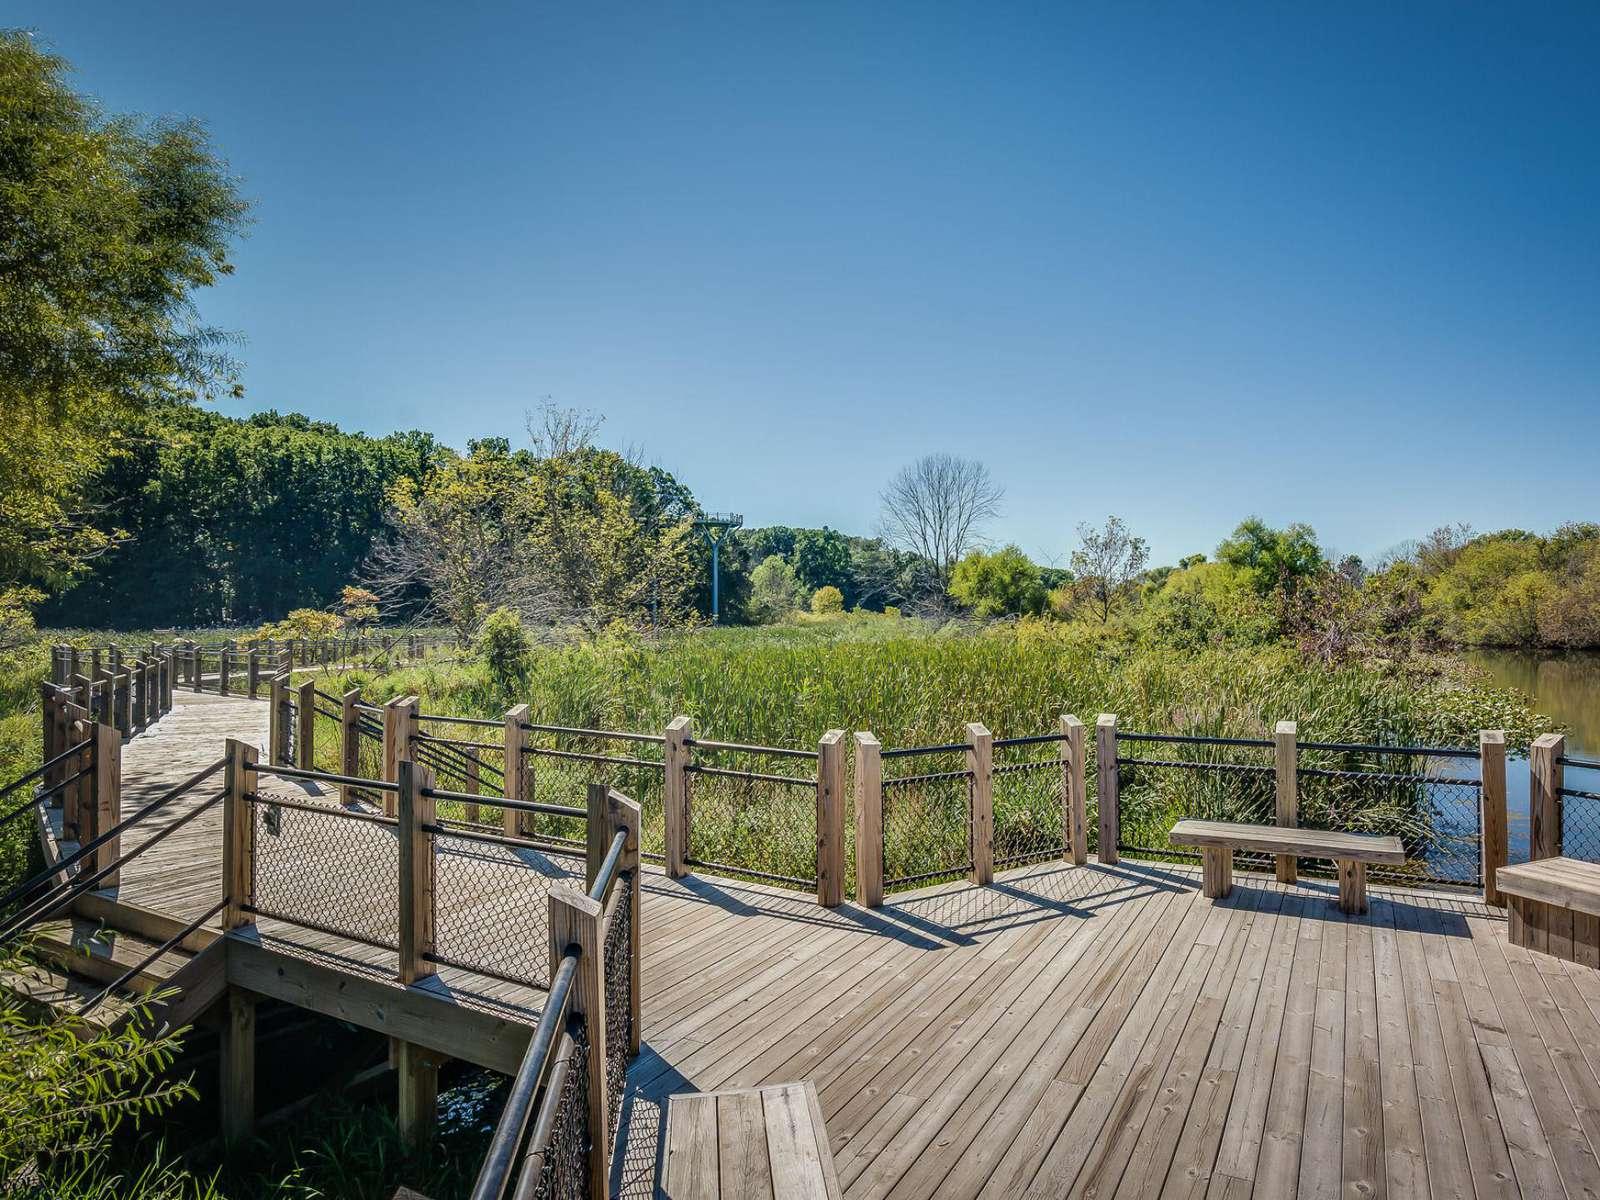 Galien River Park Boardwalk